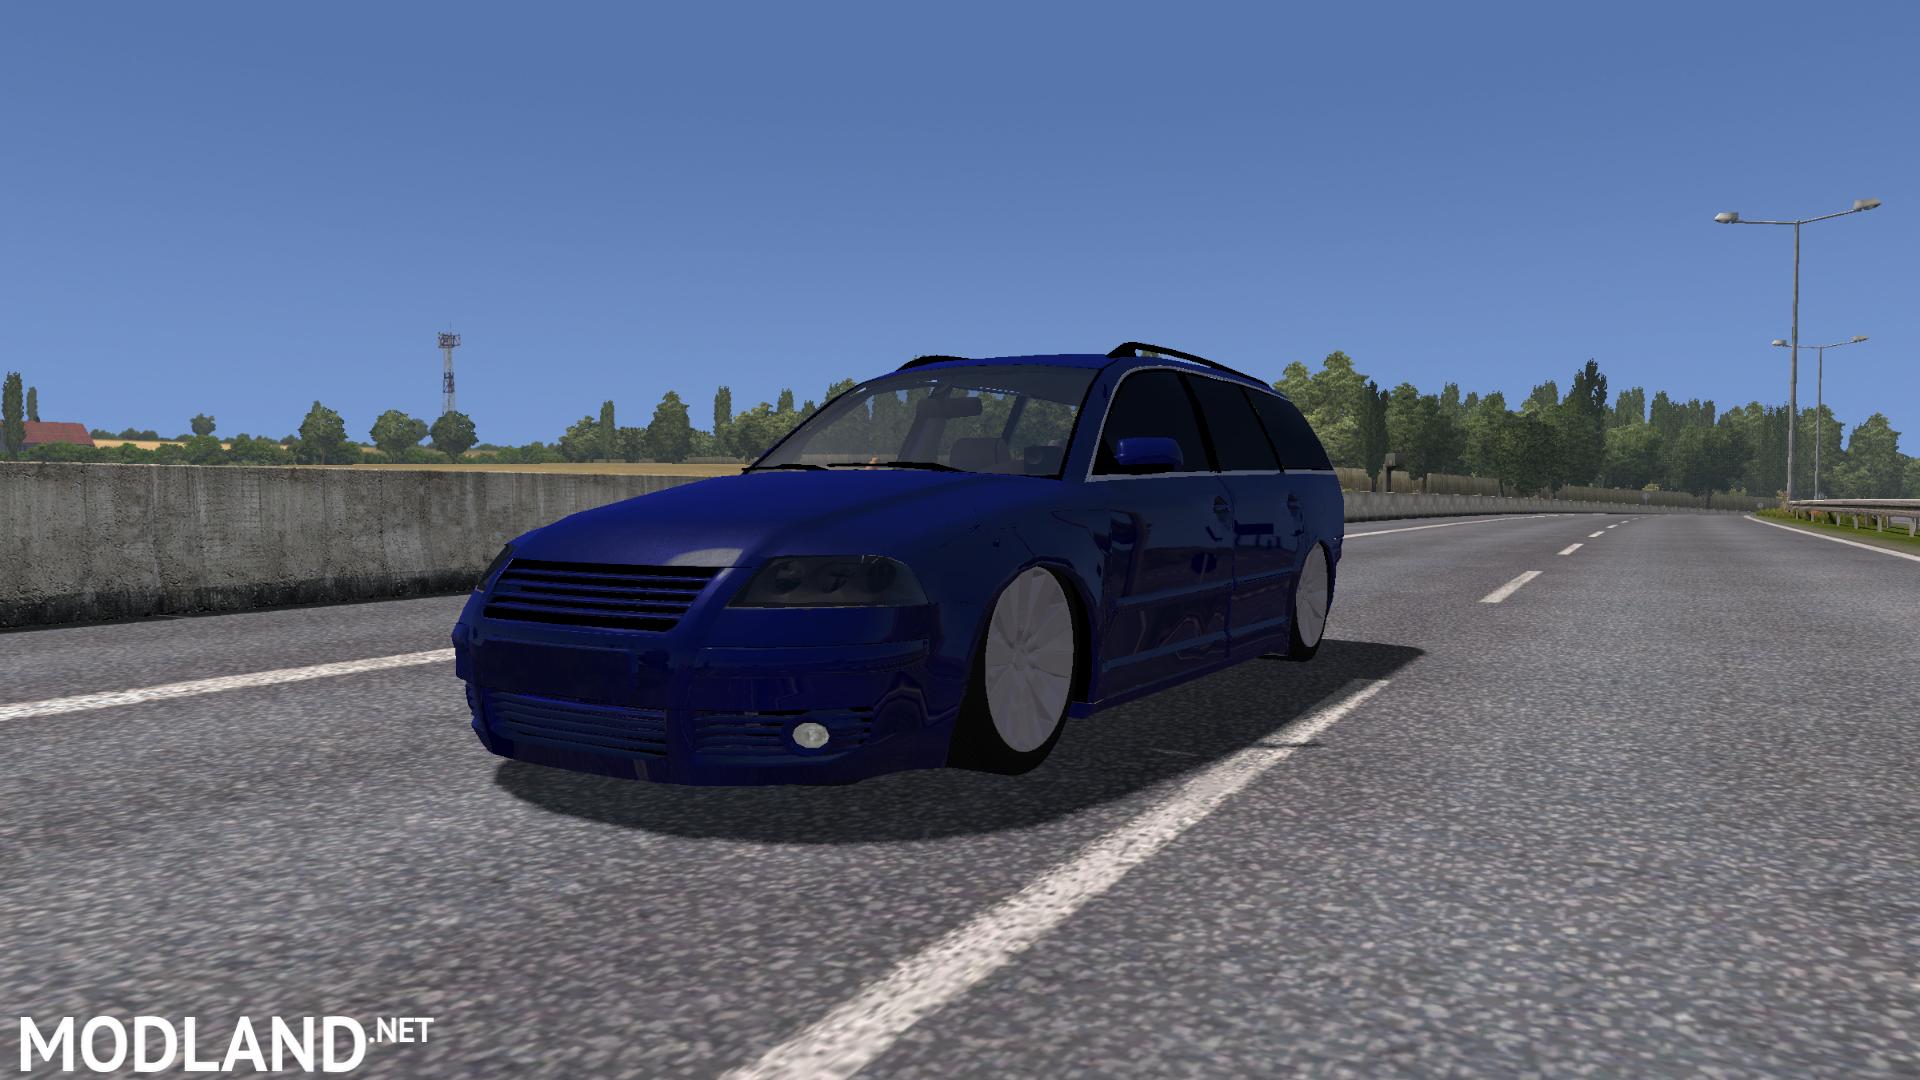 volkswagen passat b5 facelift v2 mod for ets 2